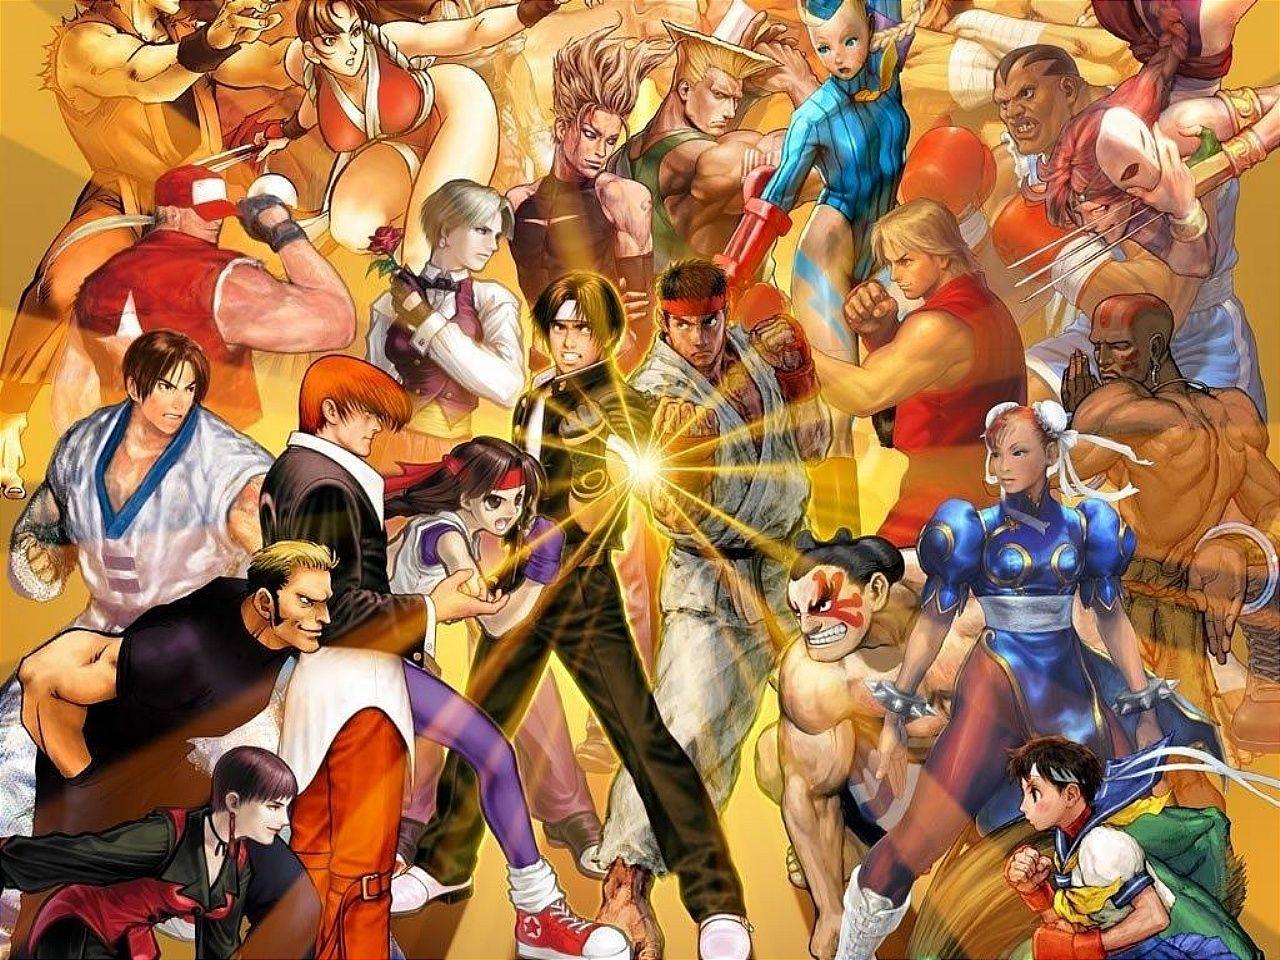 juegos de pelea